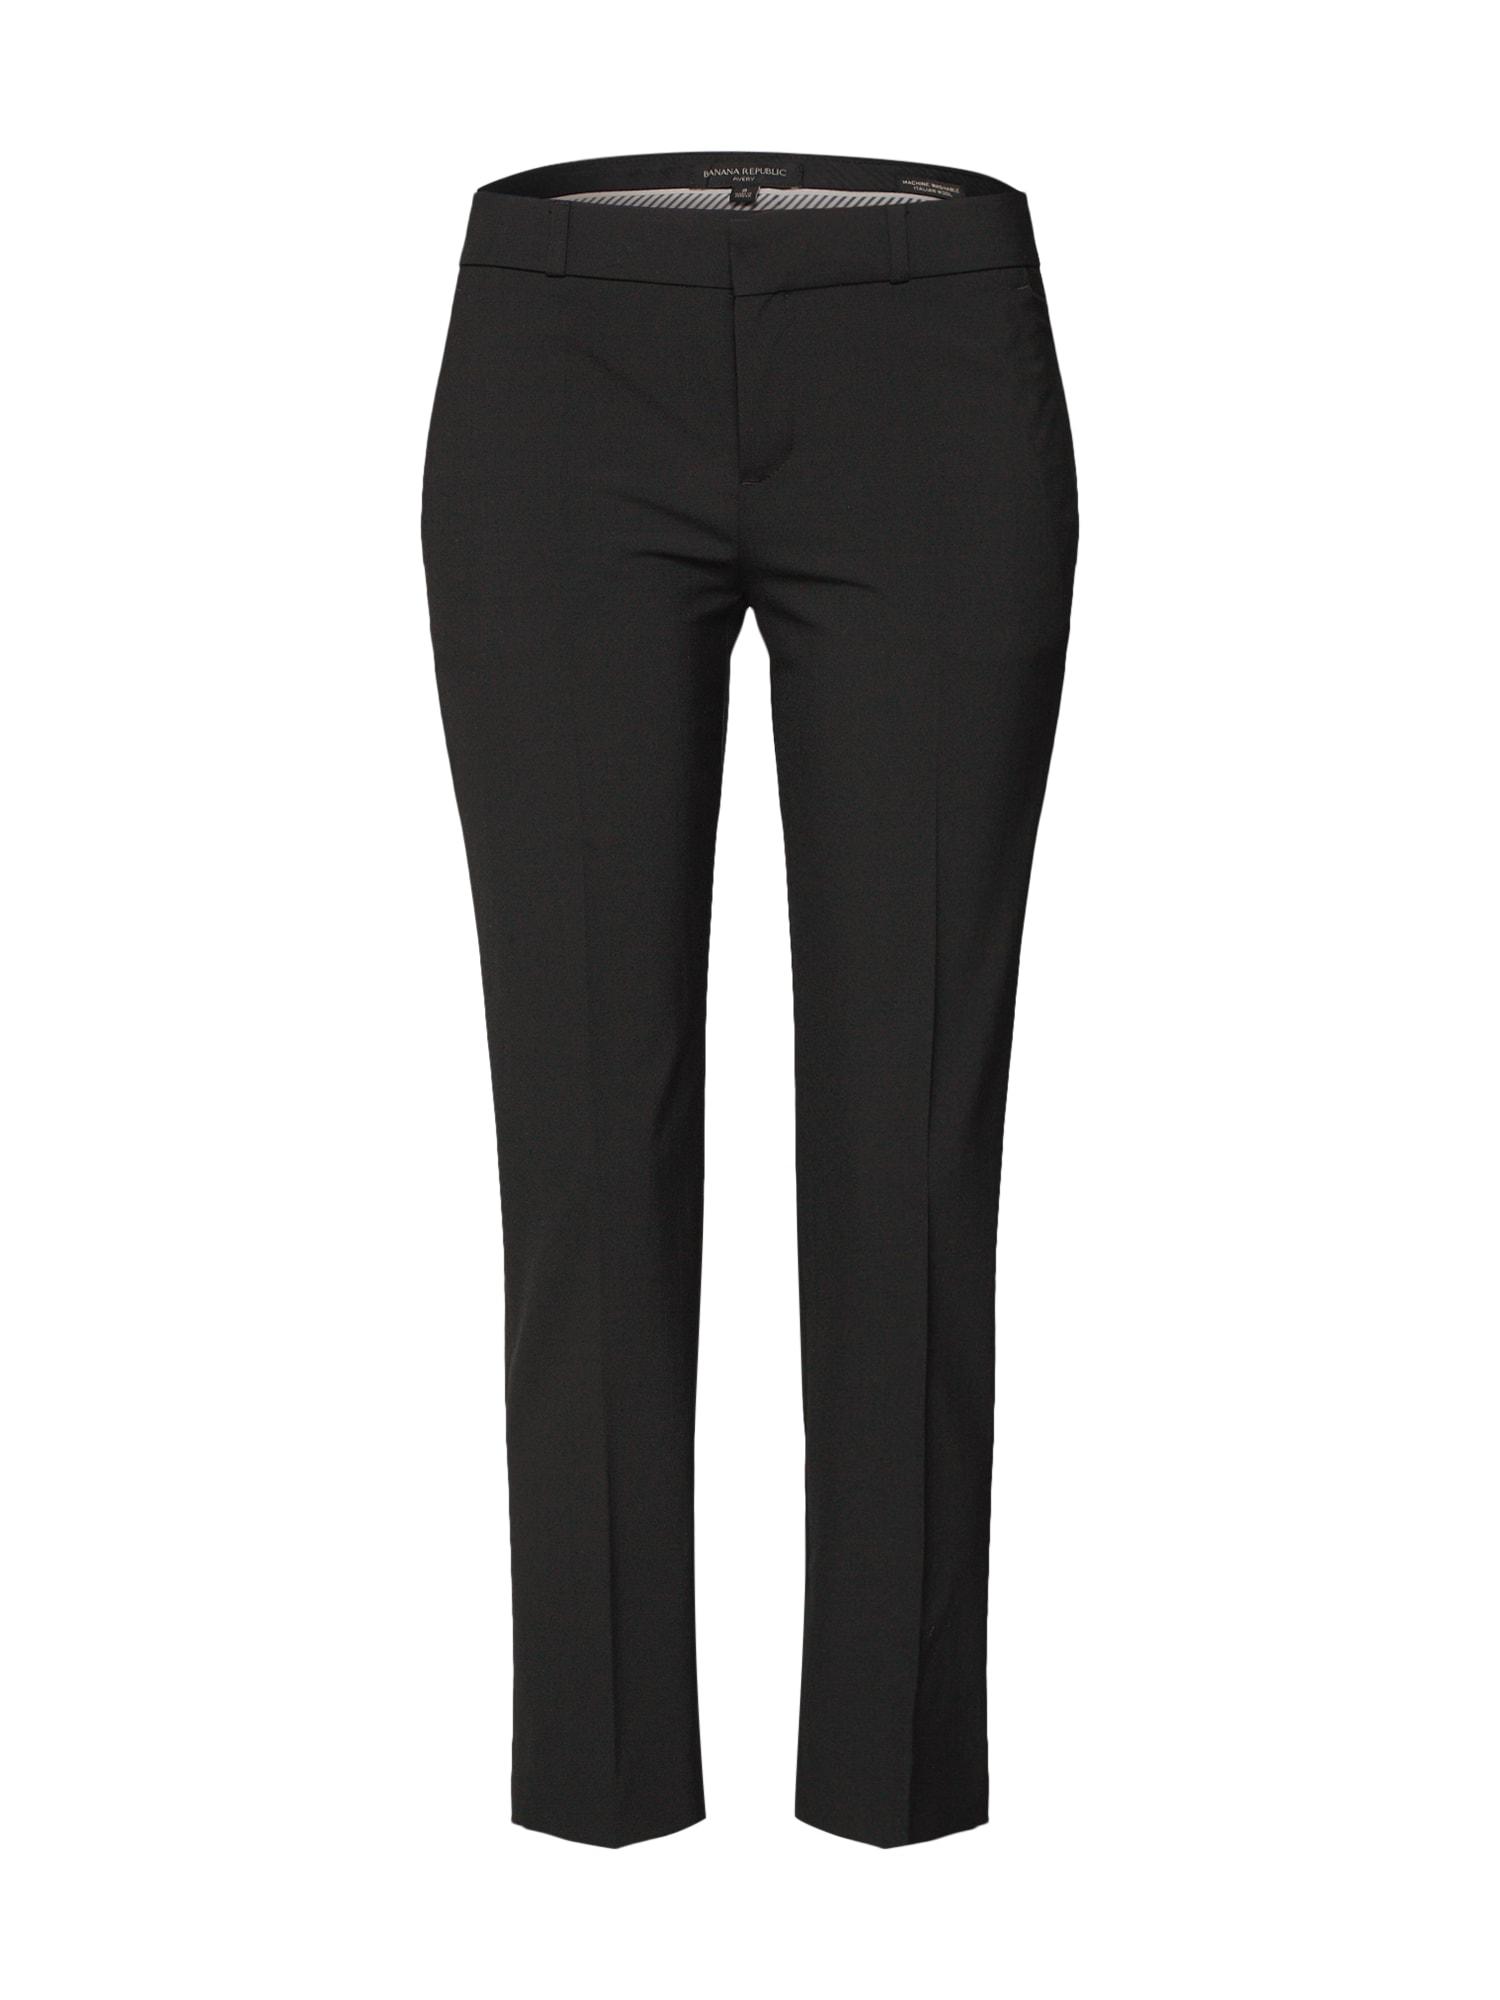 Kalhoty s puky AVERY WASHABLE LWW BLACK PANT černá Banana Republic